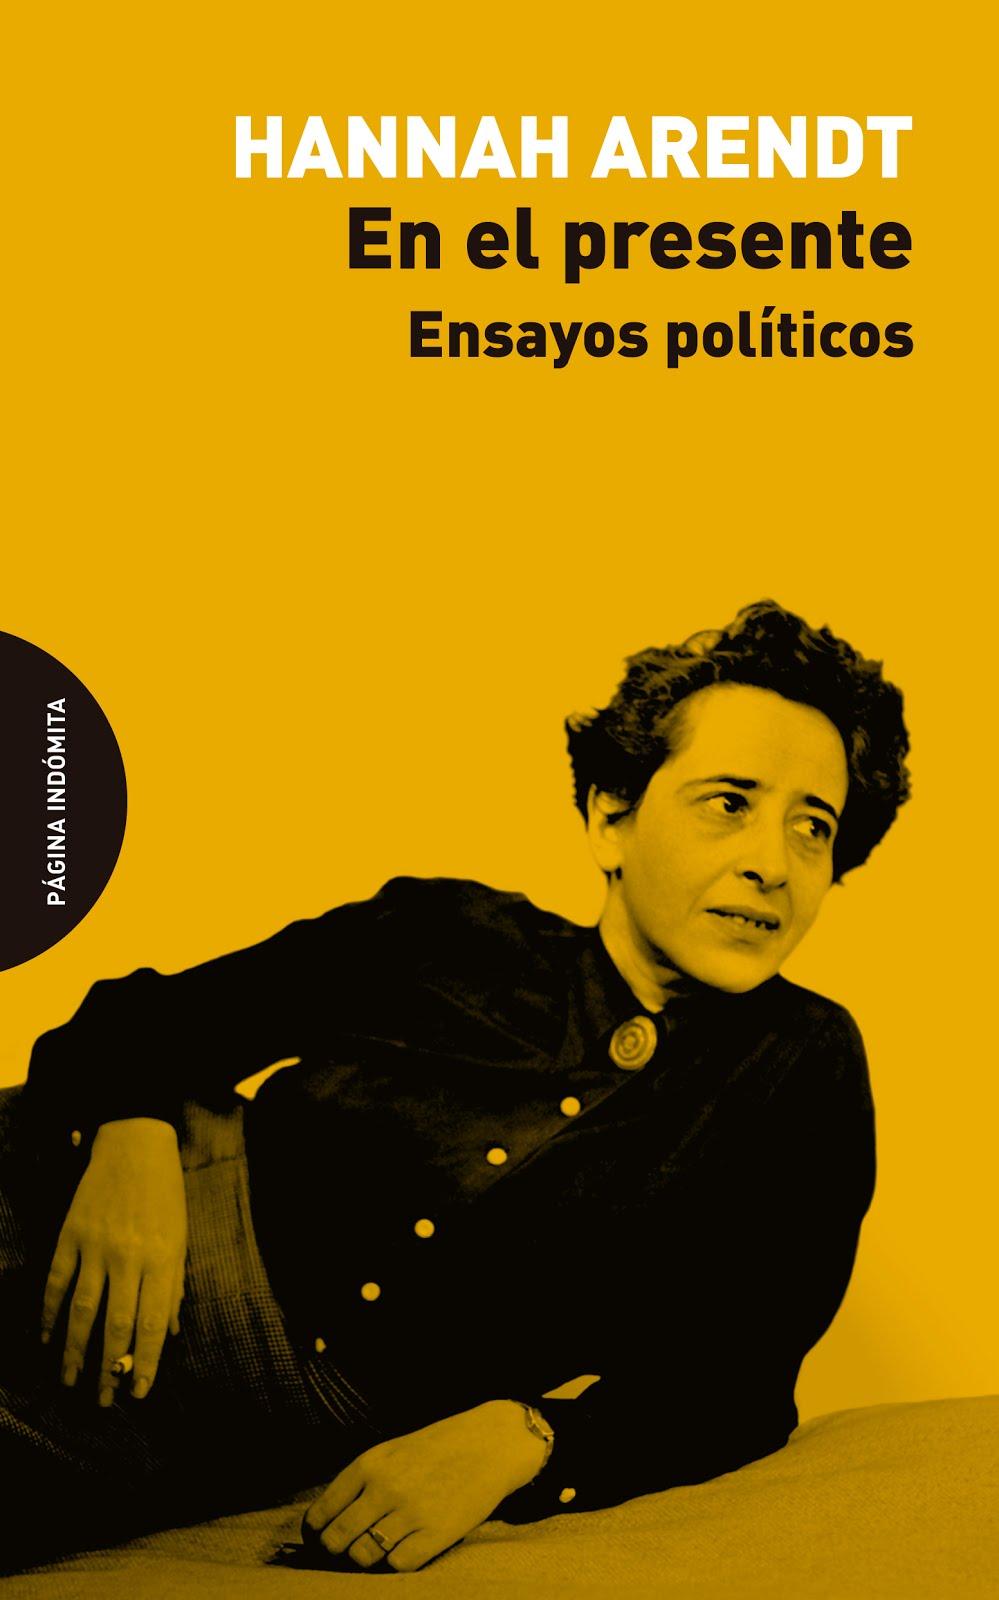 Hannah Arendt (En el presente) Ensayos políticos